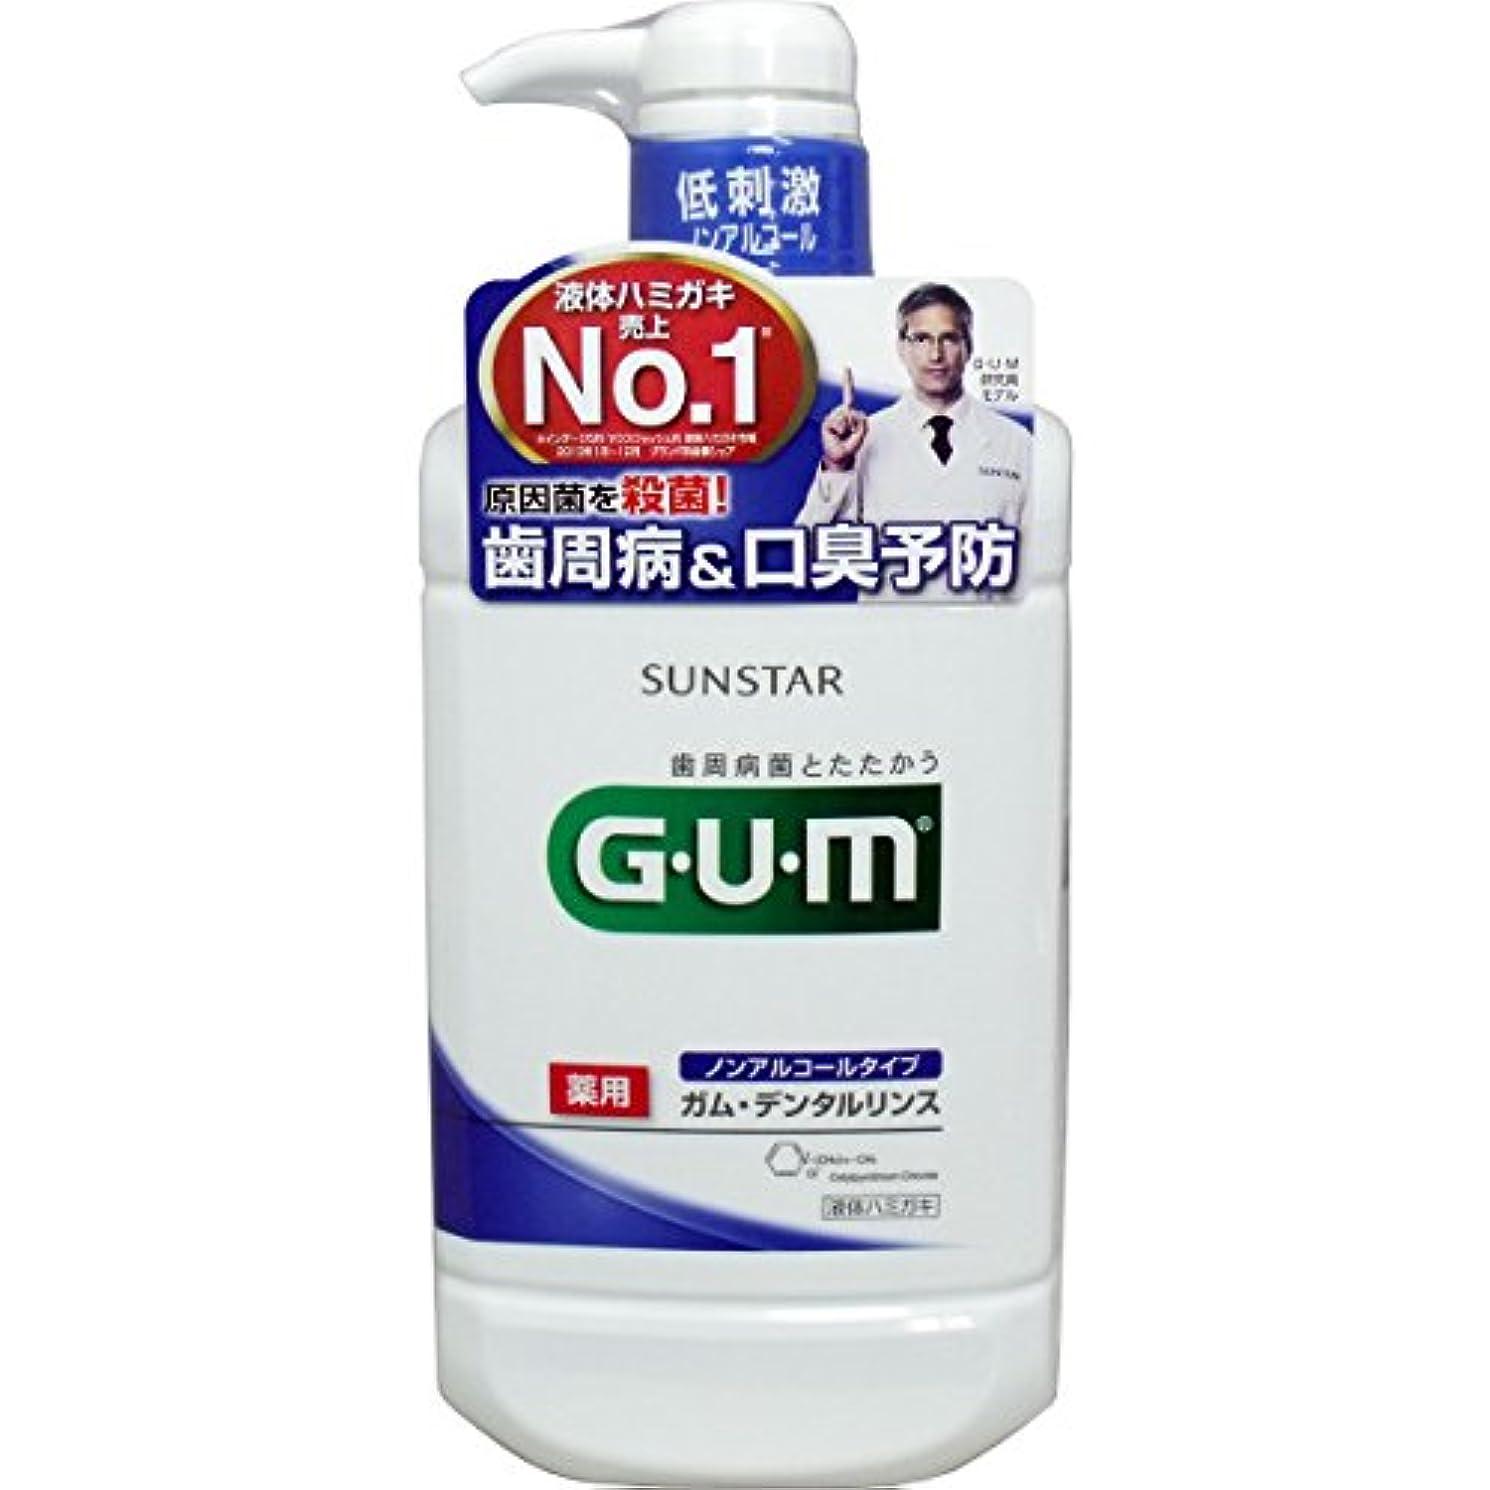 サラミ恐れ目的【まとめ買い】GUM(ガム)?デンタルリンス (ノンアルコールタイプ) 960mL (医薬部外品)×5個